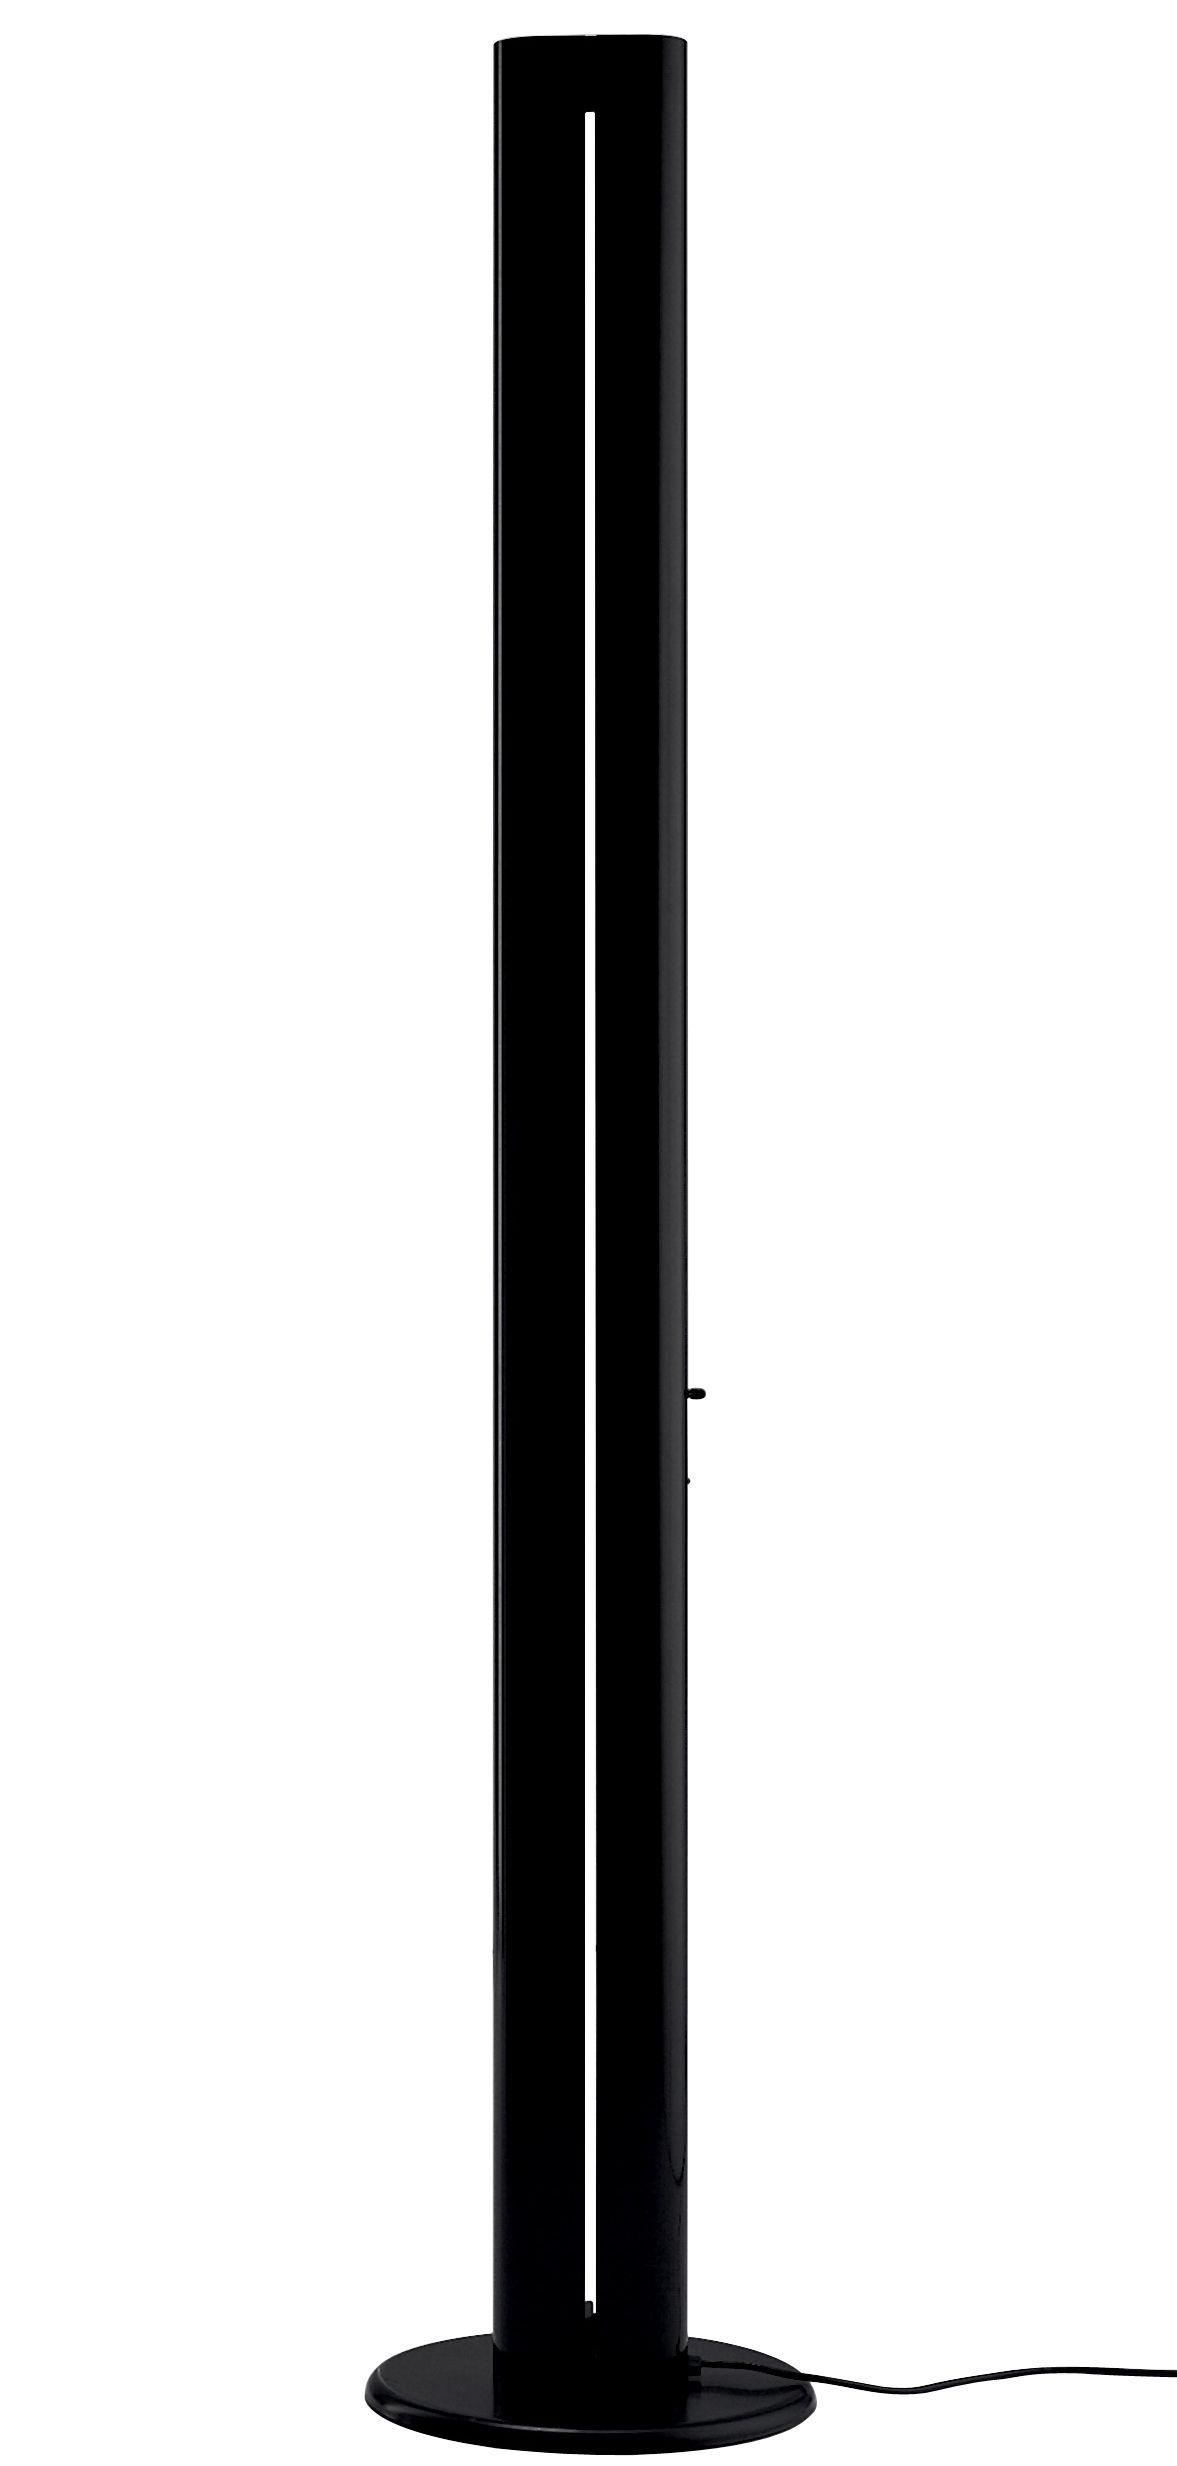 Luminaire - Lampadaires - Lampadaire Megaron LED / H 182 cm - Artemide - Noir - Acier, Aluminium verni